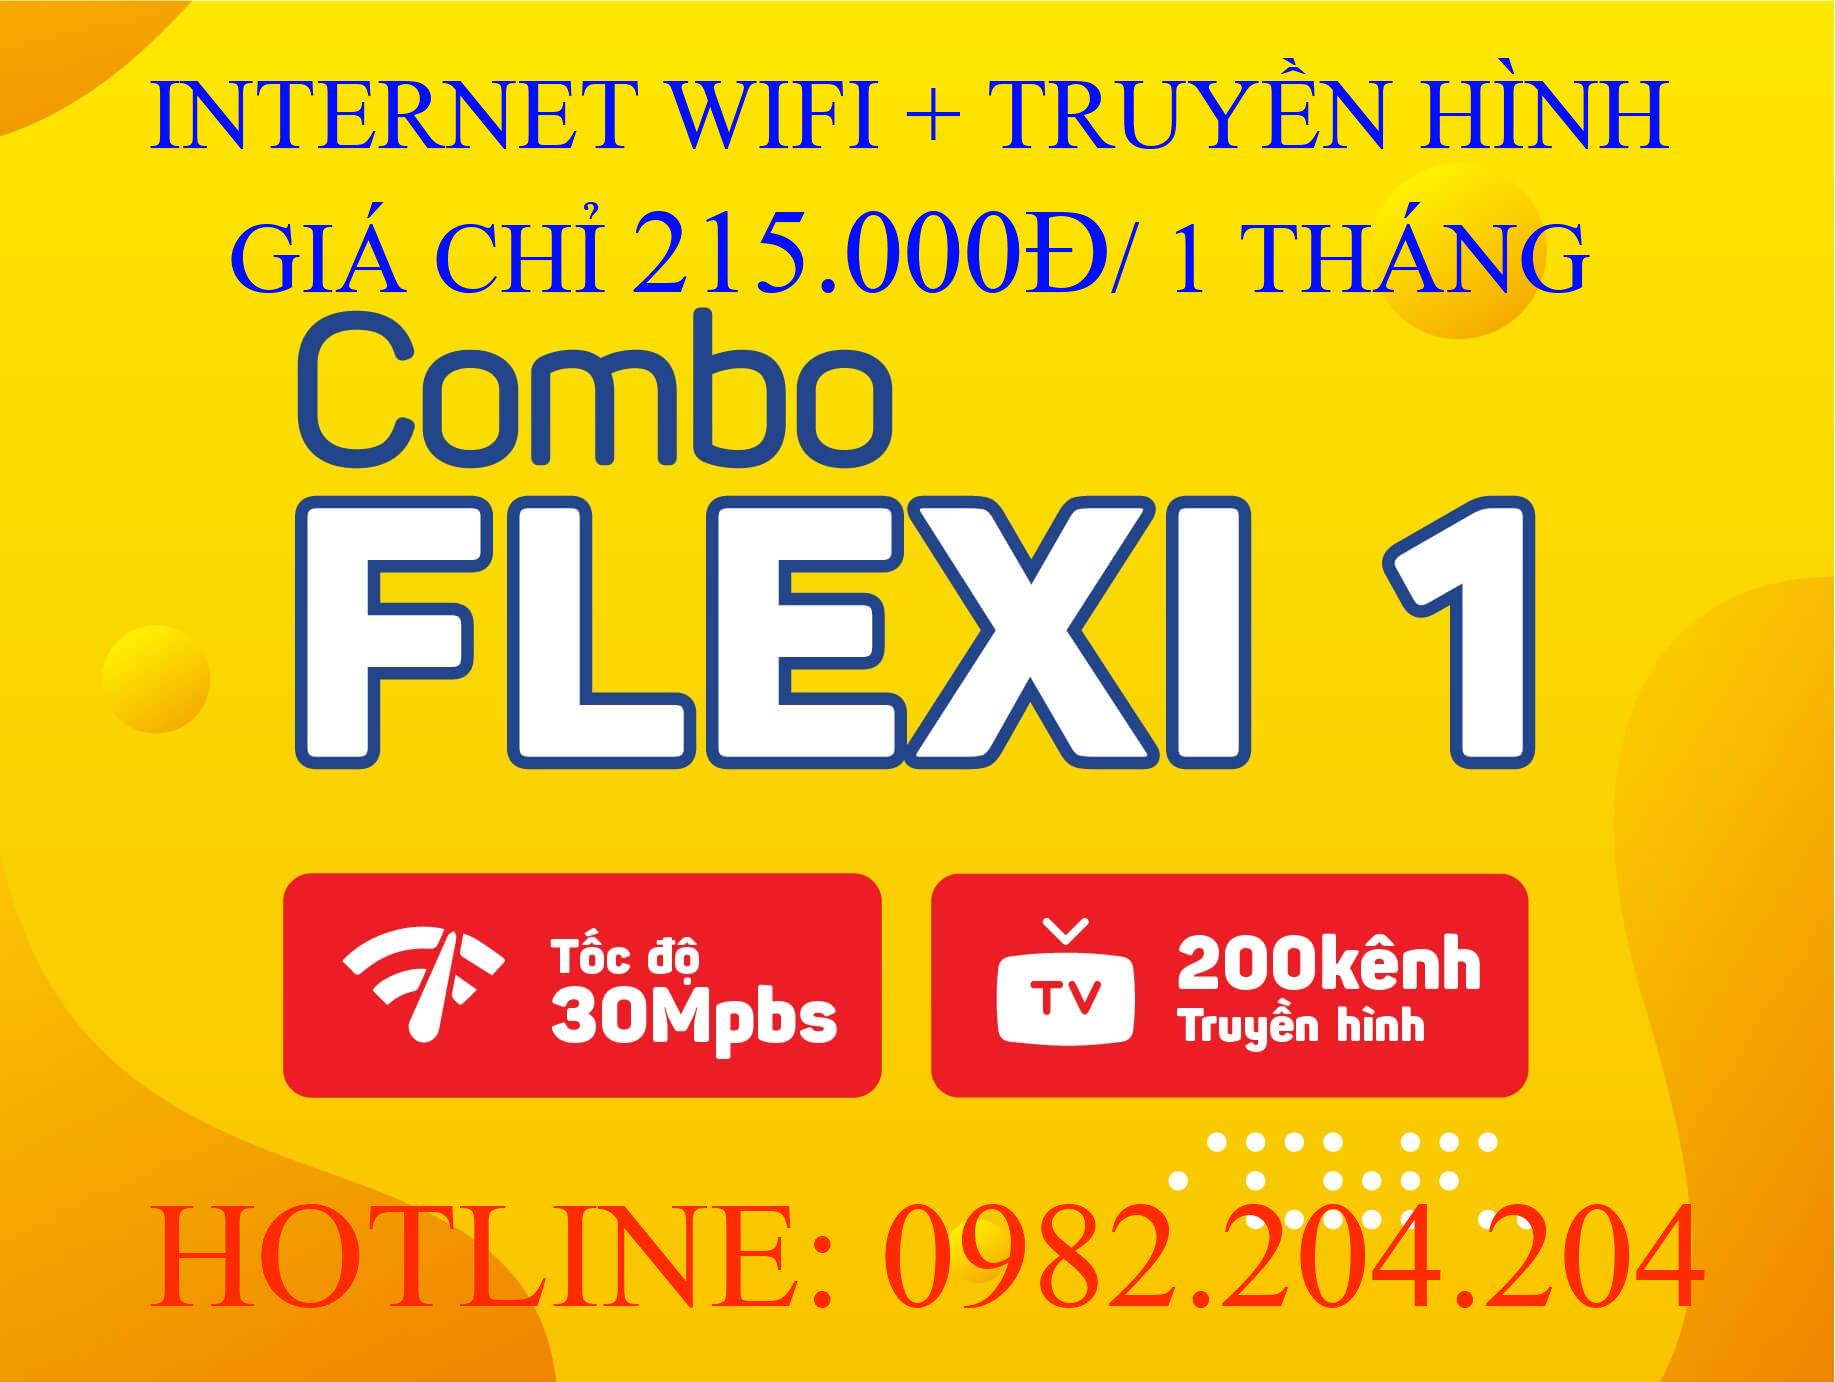 Lắp wifi Viettel combo flexi 1 kèm truyền hình